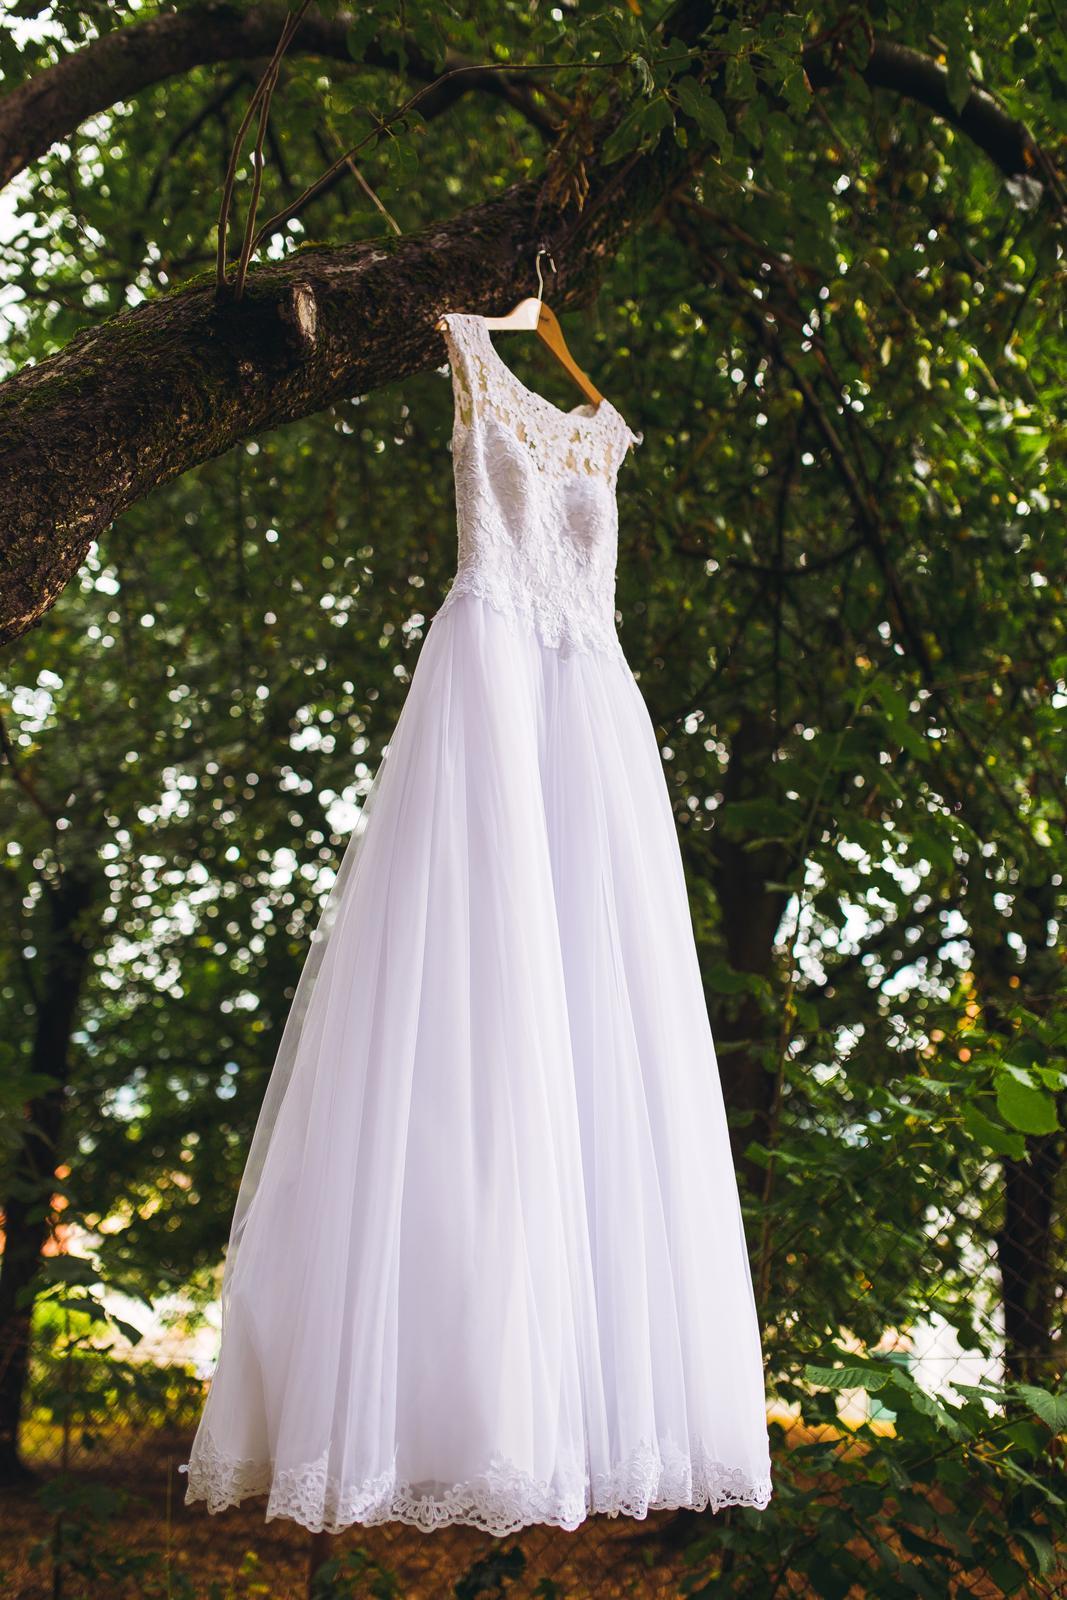 svadobné šaty s čipkovaným chrbtom a závojom - Obrázok č. 2